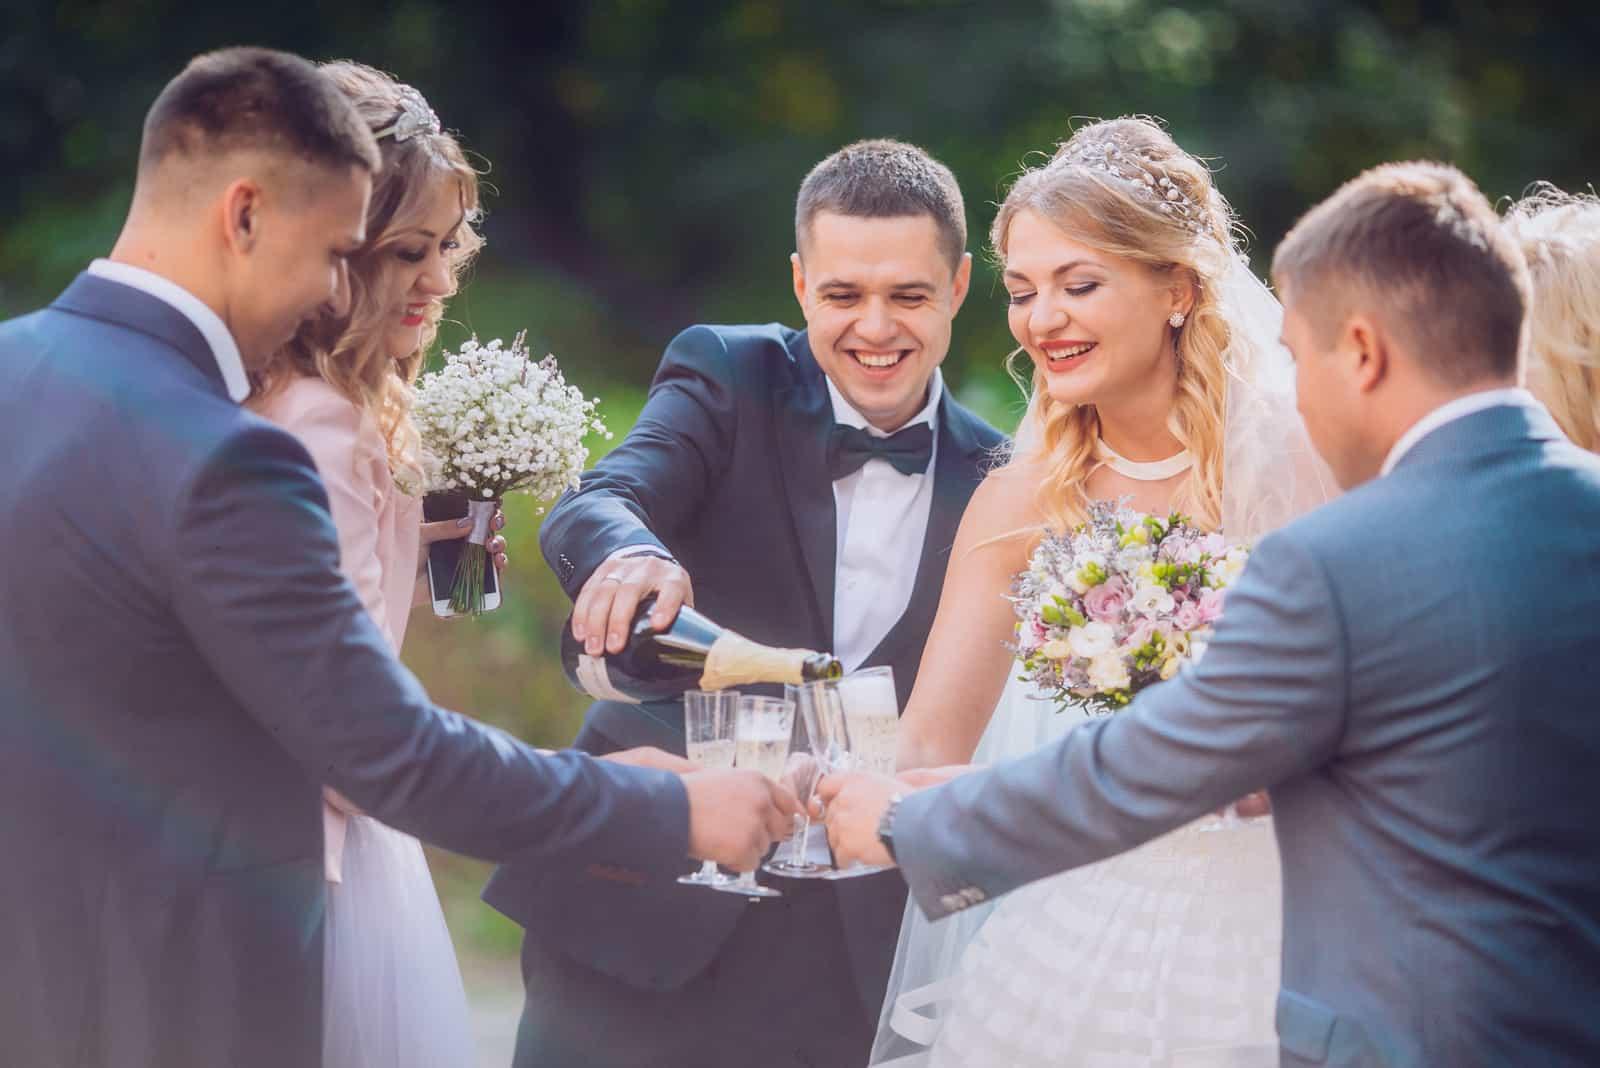 Braut und Bräutigam mit glücklichen Trauzeugen und Brautjungfern, die Spaß haben